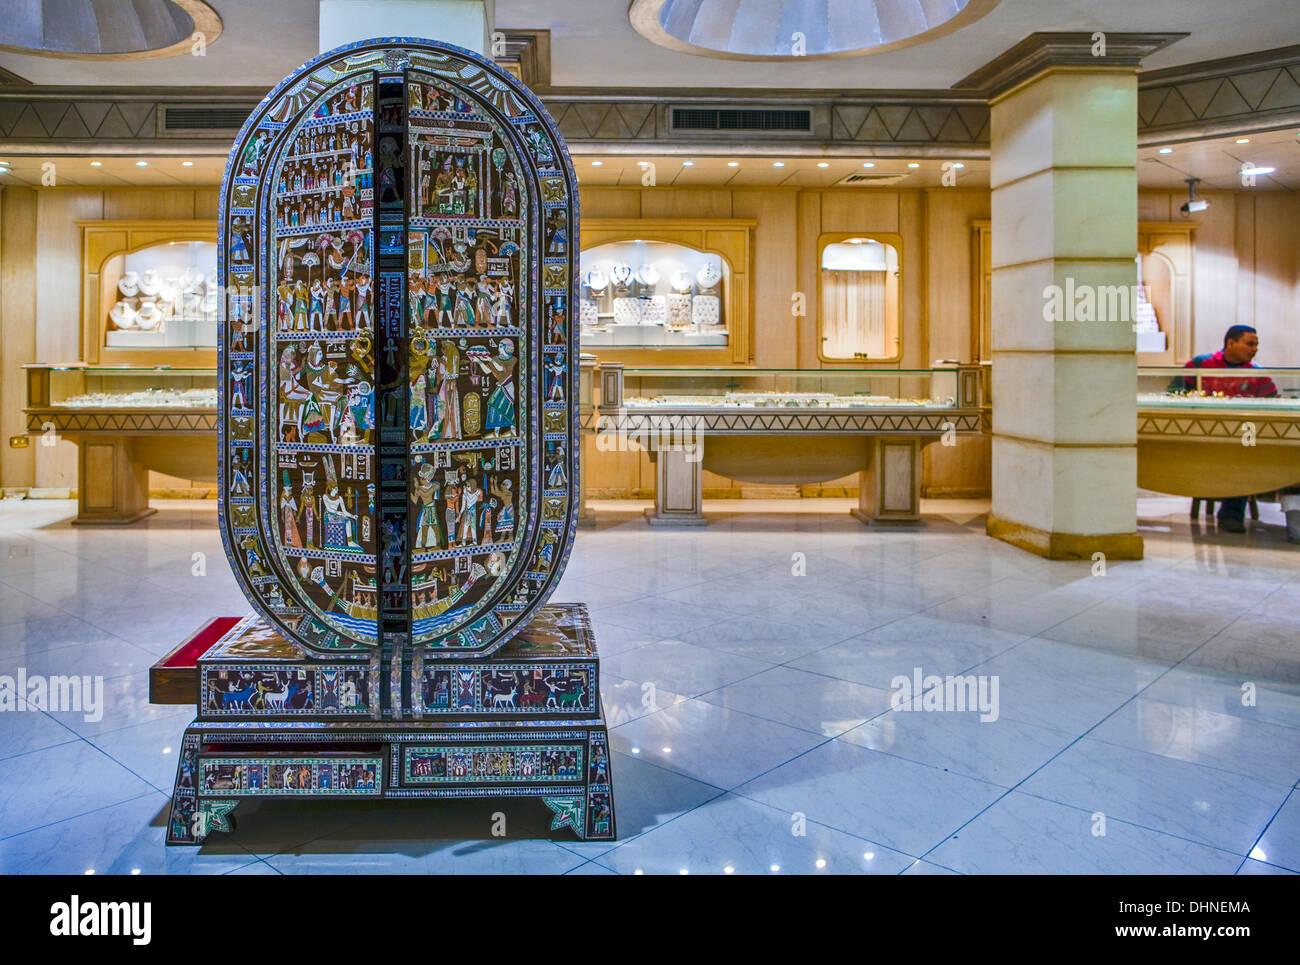 Afrique, Egypte, Caire, une boutique d'artisanat de luxe Photo Stock